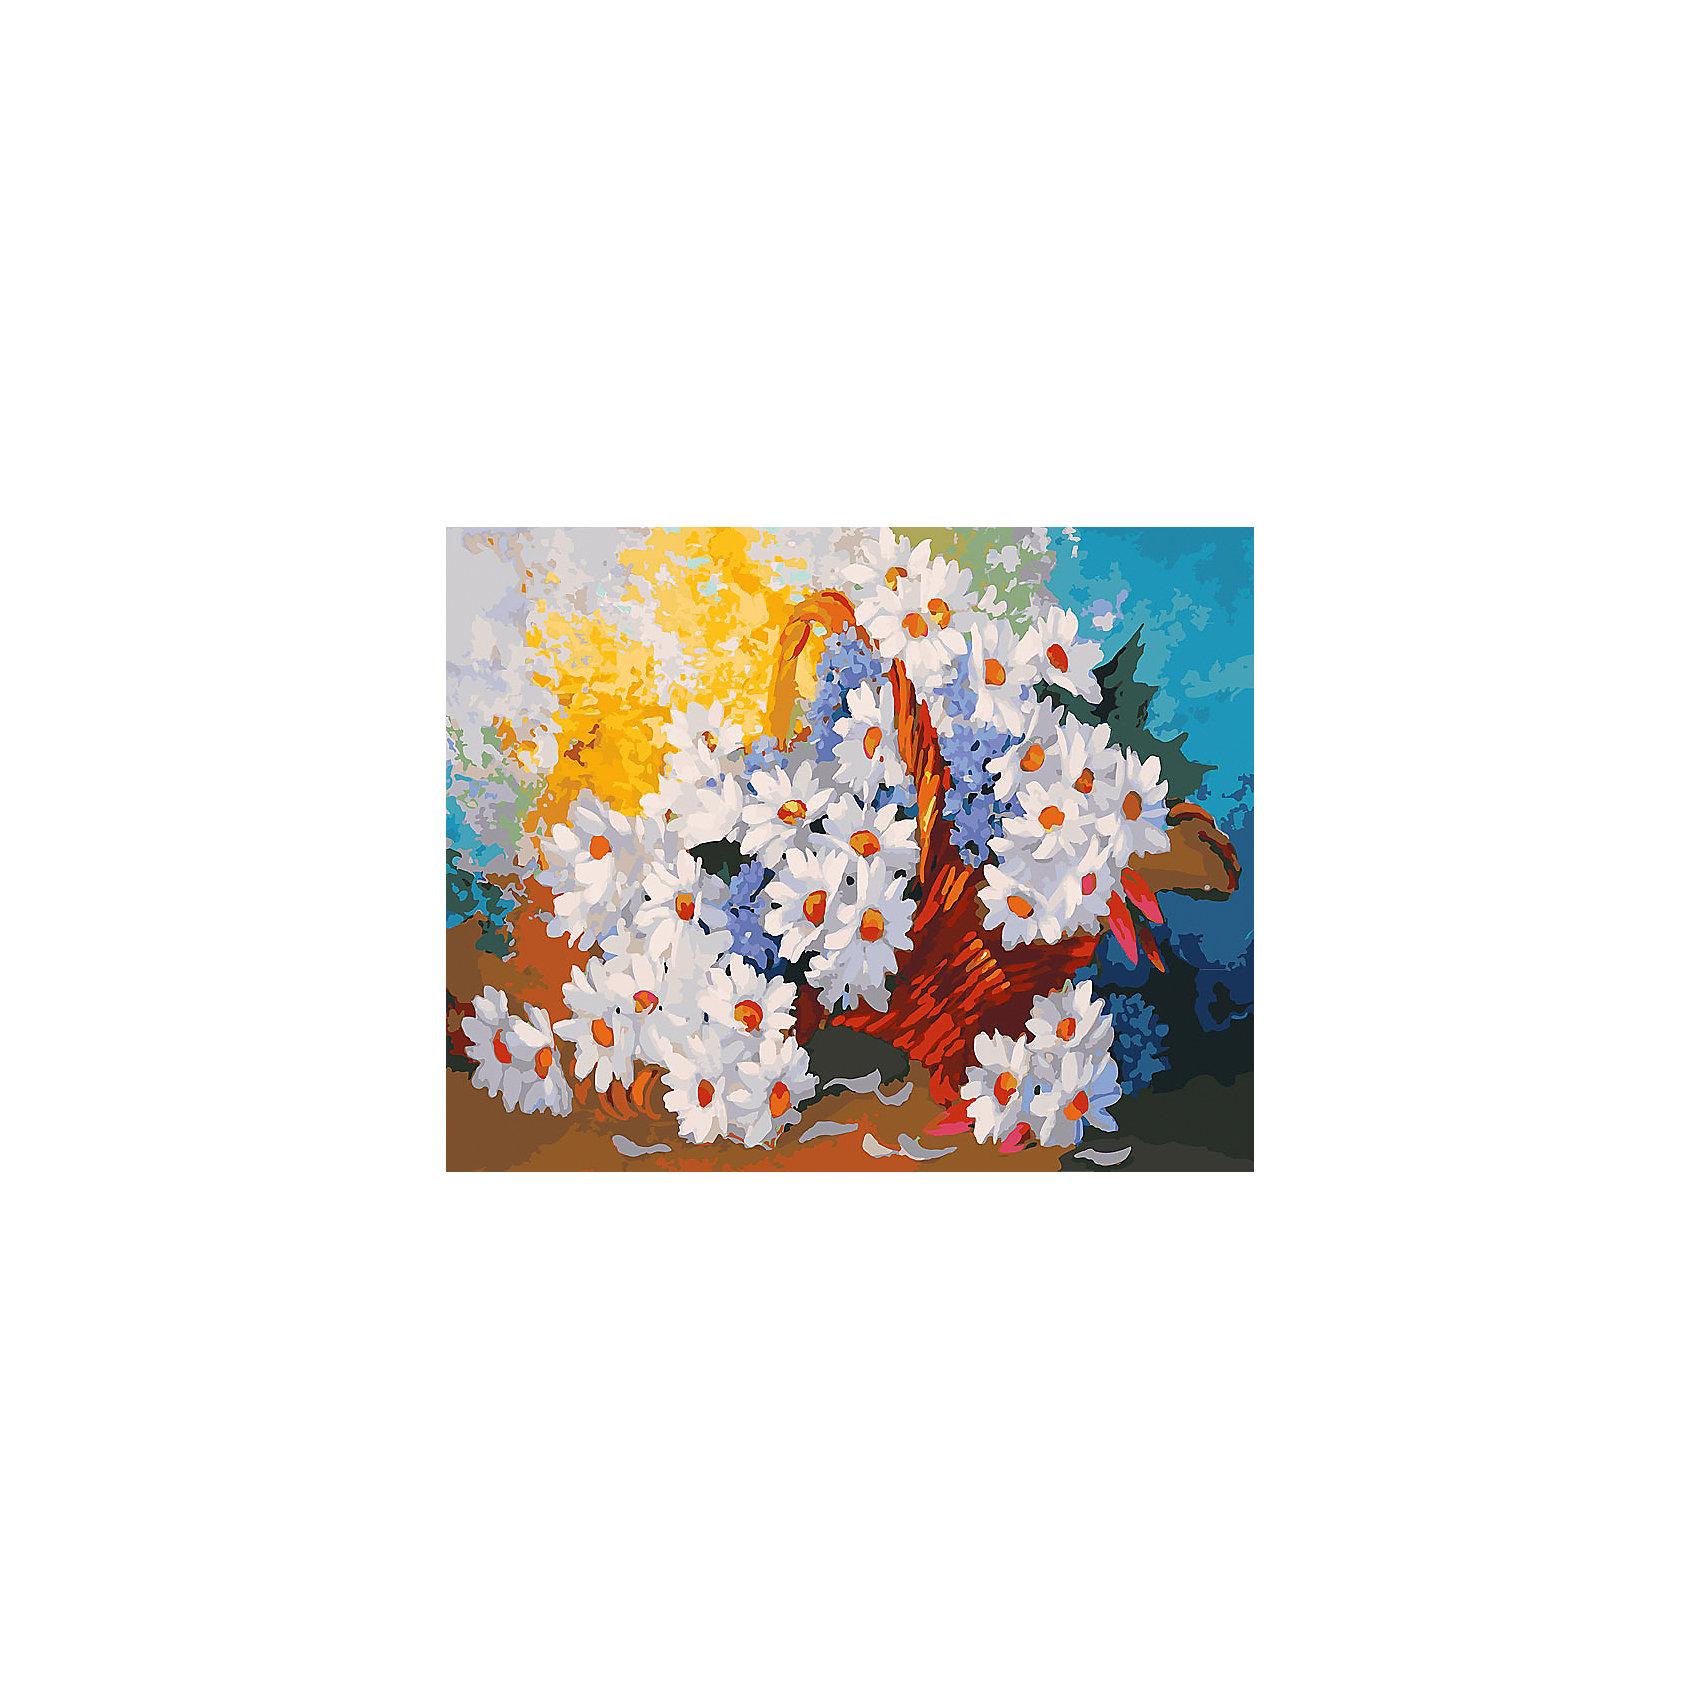 Живопись на холсте 40*50 см Корзинка с ромашкамиРаскраски по номерам<br>Характеристики товара:<br><br>• цвет: разноцветный<br>• материал: акрил, картон<br>• размер: 50 x 40 см<br>• комплектация: полотно на подрамнике с контурами рисунка, пробный лист с рисунком, набор акриловых красок, три кисти, крепление на стену для картины<br>• для детей от шести лет и взрослых<br>• не требует специальных навыков<br>• страна бренда: Китай<br>• страна изготовитель: Китай<br><br>Такой набор станет отличным подарком и для взрослого, и для ребенка! Рисование помогает развить различные навыки и просто приносит удовольствие! Чтобы вселить в ребенка уверенность в своих силах, можно предложить ему этот набор - в нем уже есть сюжет, контуры рисунка и участки с номерами, которые обозначают определенную краску из набора. Все оттенки уже готовы, задача художника - аккуратно, с помощью кисточек из набора, нанести краски на определенный участок полотна.<br>Взрослым также понравится этот процесс, рисовать можно и вместе с малышом! В итоге получается красивая картина, которой можно украсить интерьер. Рисование способствует развитию мелкой моторики, воображения, цветовосприятия, творческих способностей и усидчивости. Набор отлично проработан, сделан из качественных и проверенных материалов, которые безопасны для детей. Краски - акриловые, они быстро сохнут и легко смываются с кожи.<br><br>Живопись на холсте 40*50 см Корзинка с ромашками от торговой марки Белоснежка можно купить в нашем интернет-магазине.<br><br>Ширина мм: 510<br>Глубина мм: 410<br>Высота мм: 25<br>Вес г: 850<br>Возраст от месяцев: 72<br>Возраст до месяцев: 144<br>Пол: Унисекс<br>Возраст: Детский<br>SKU: 5089726